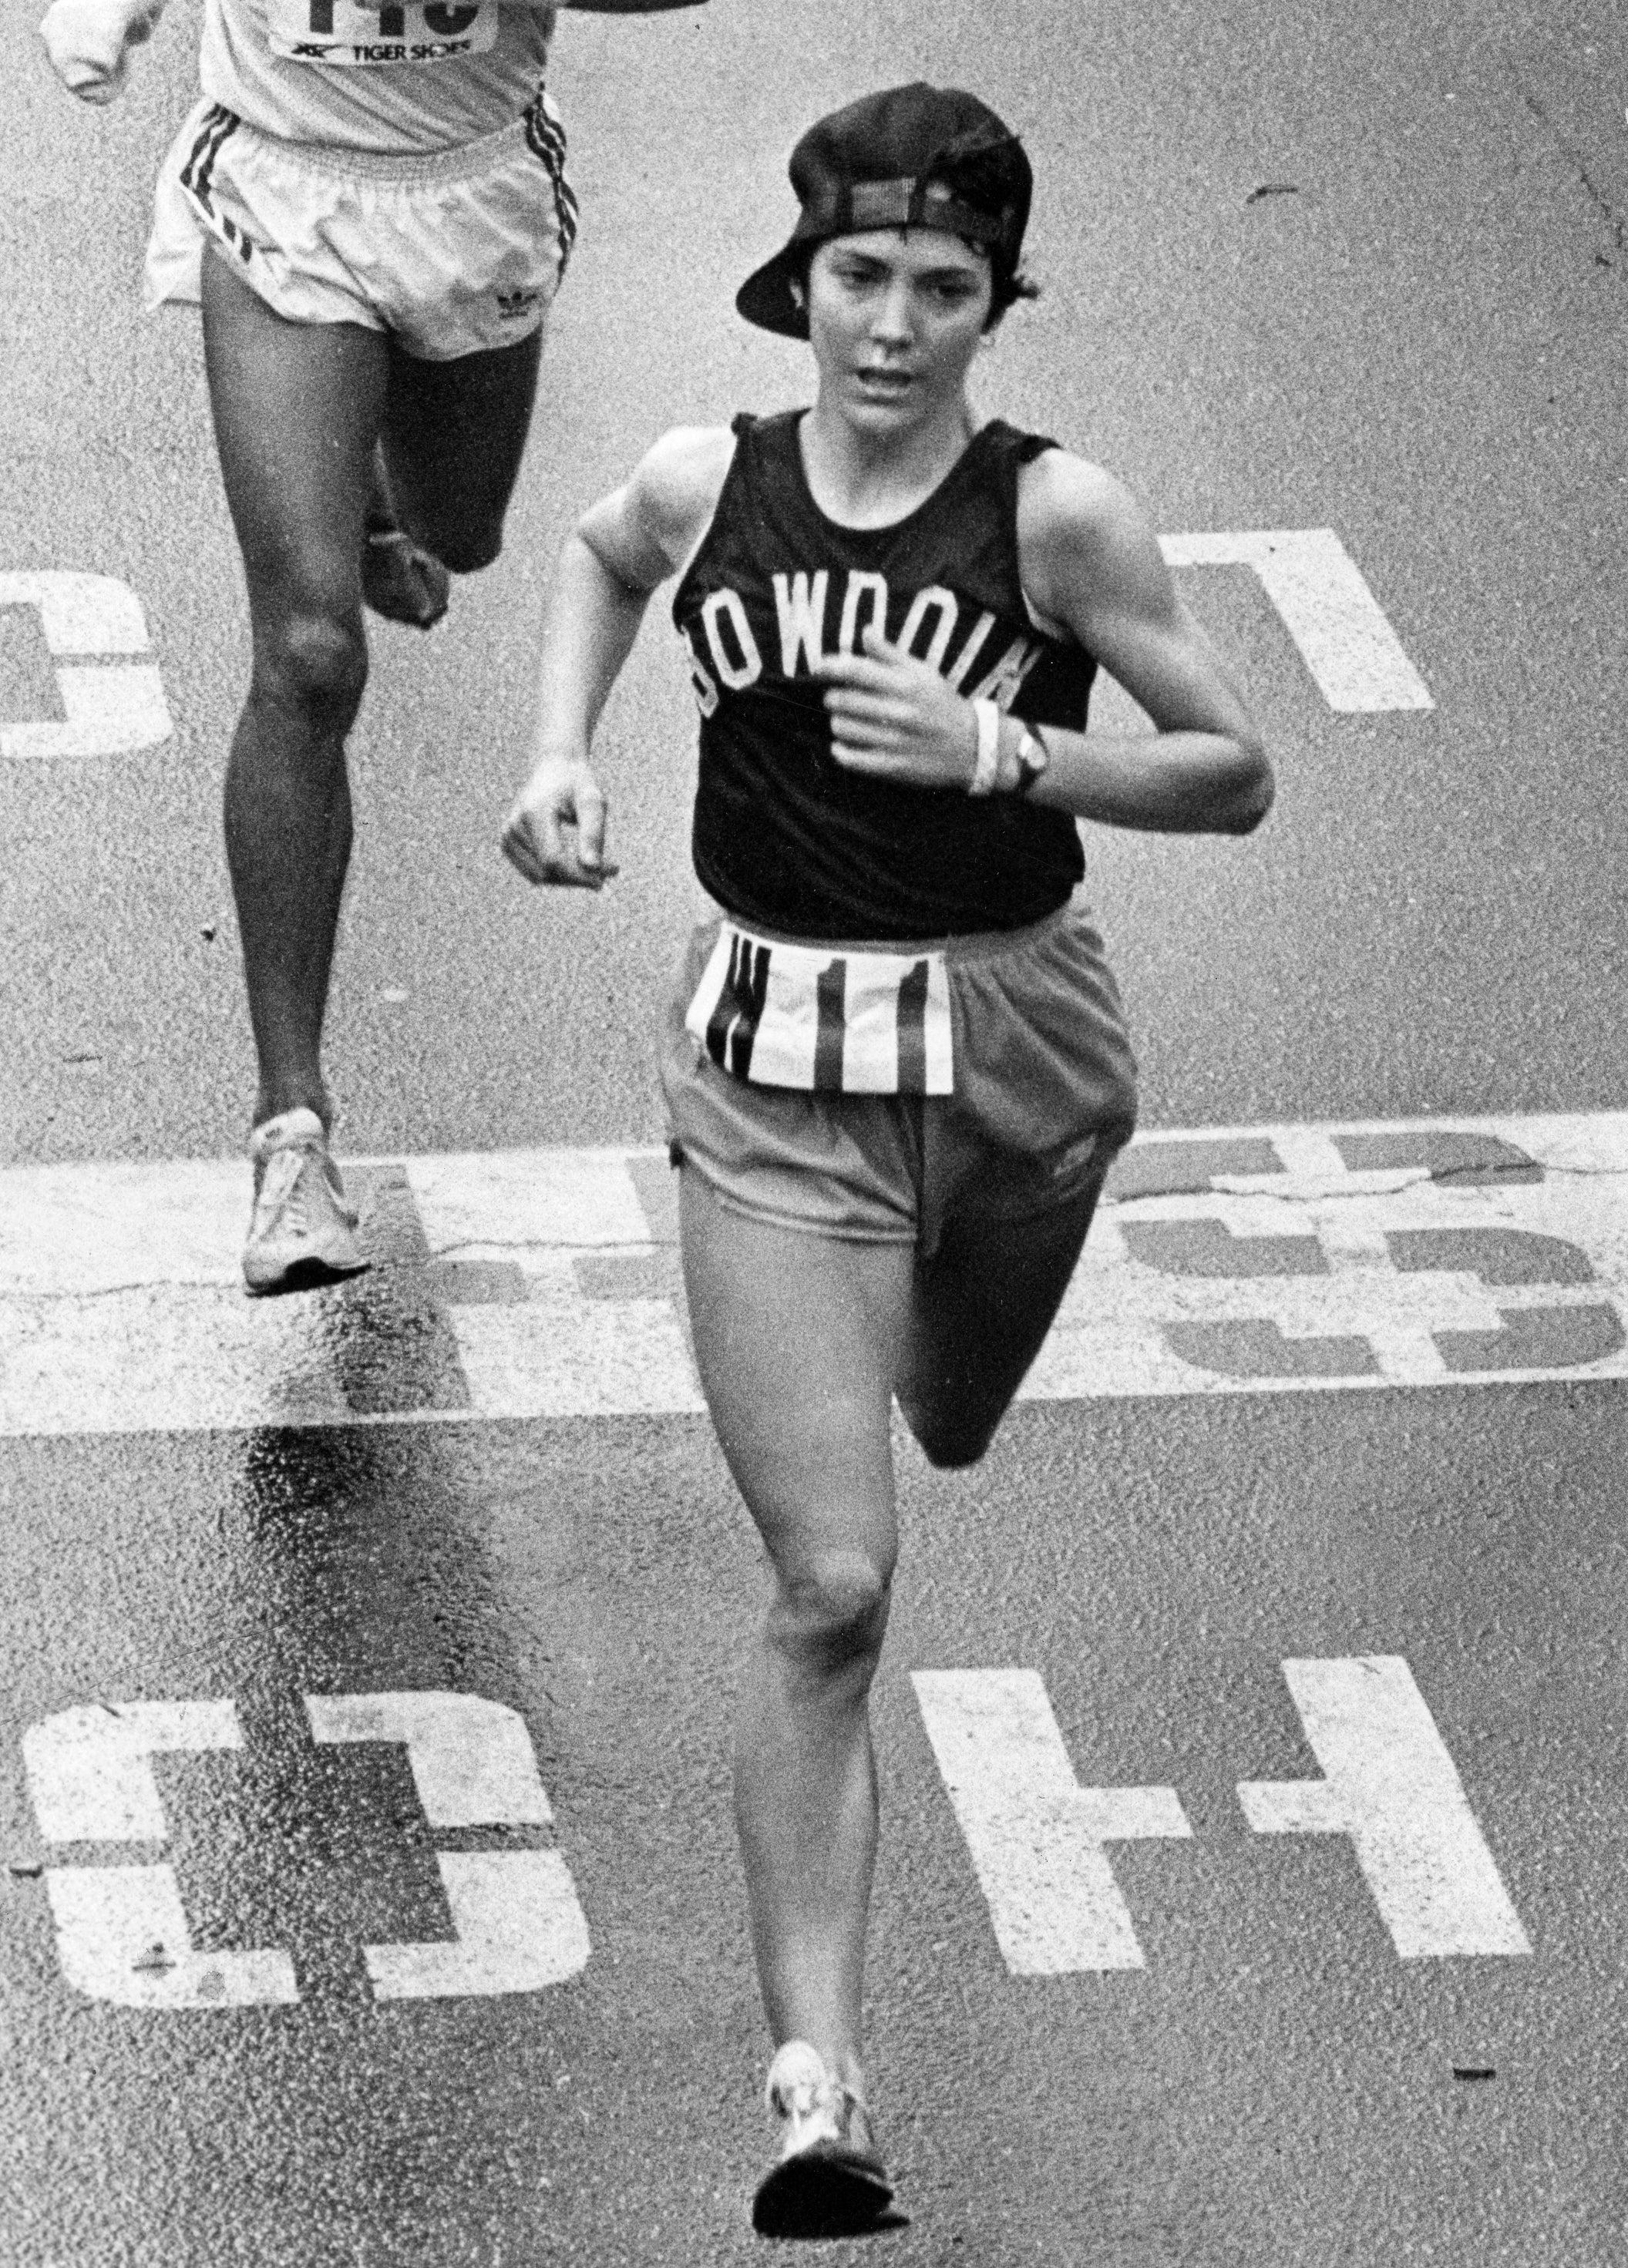 Joan Benoit Samuelson wins the 1979 Boston Marathon